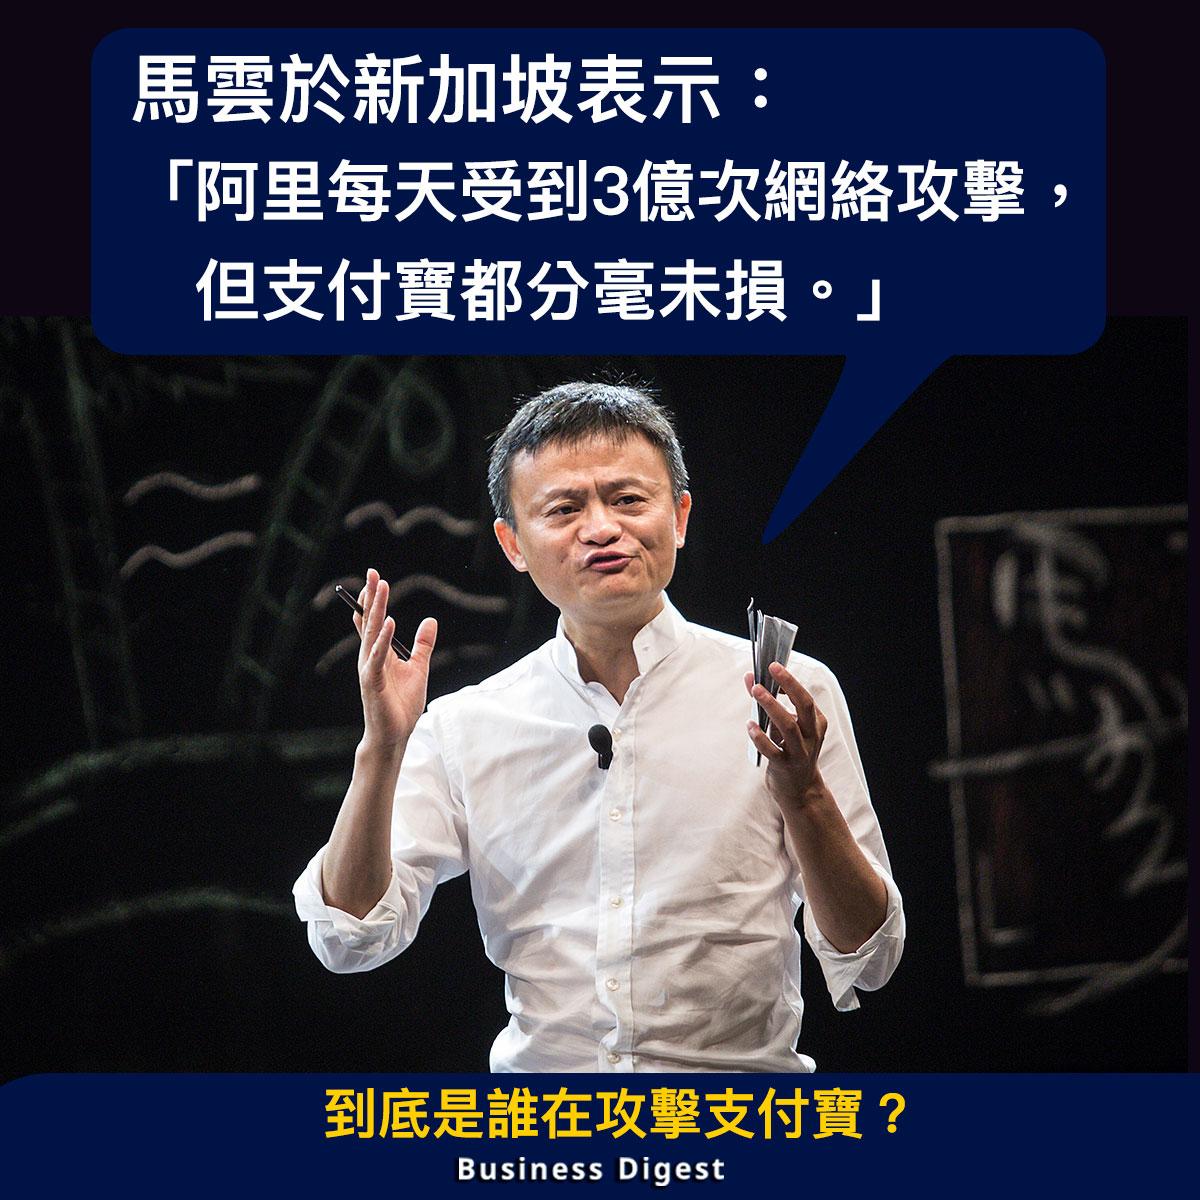 【商業熱話】馬雲於新加坡表示:「阿里每天受到3億次網絡攻擊,但支付寶都分毫未損。」